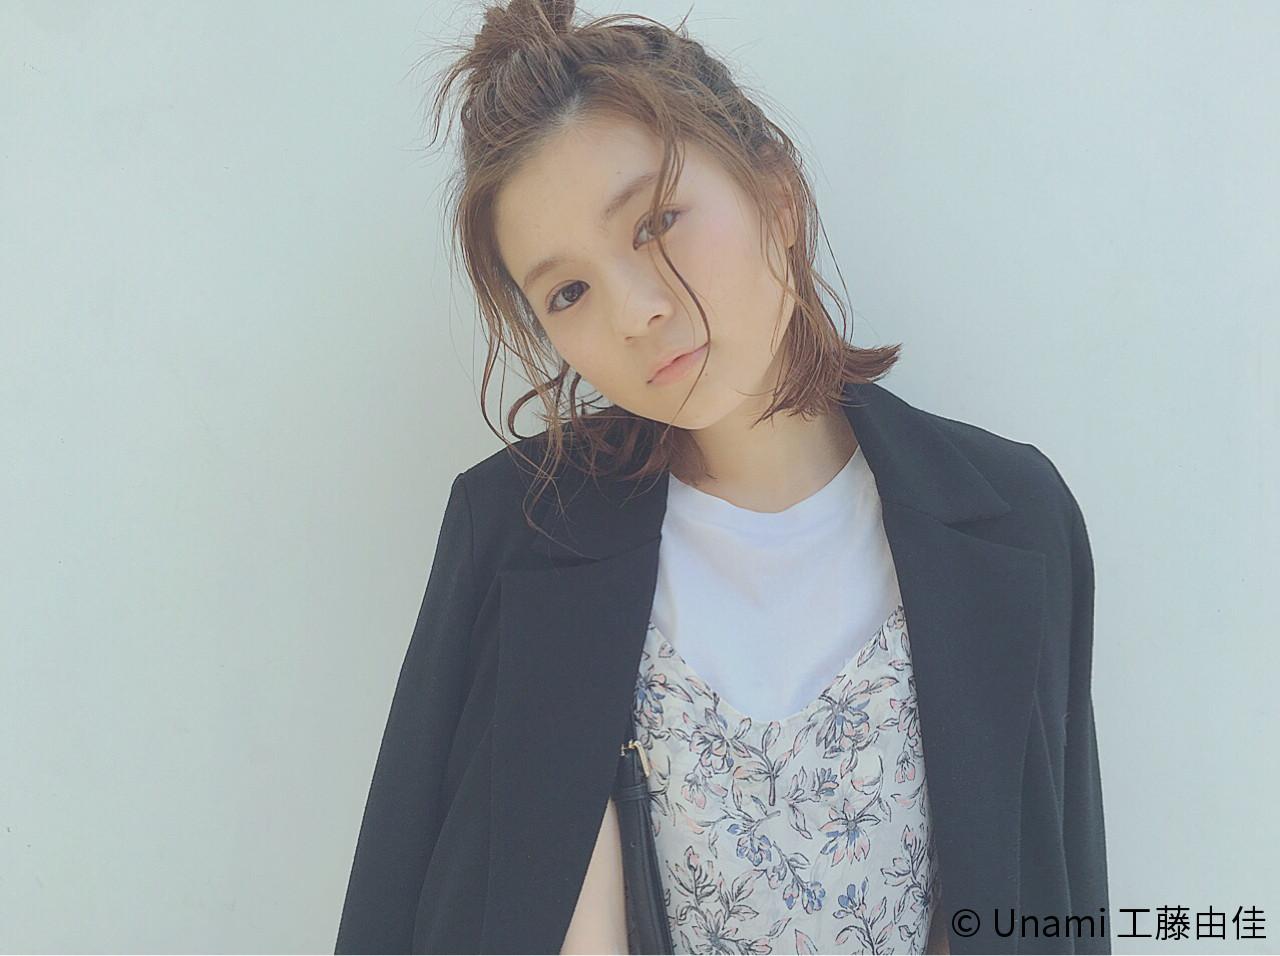 中学生や高校生にもおすすめ!簡単アレンジ Unami 工藤由佳